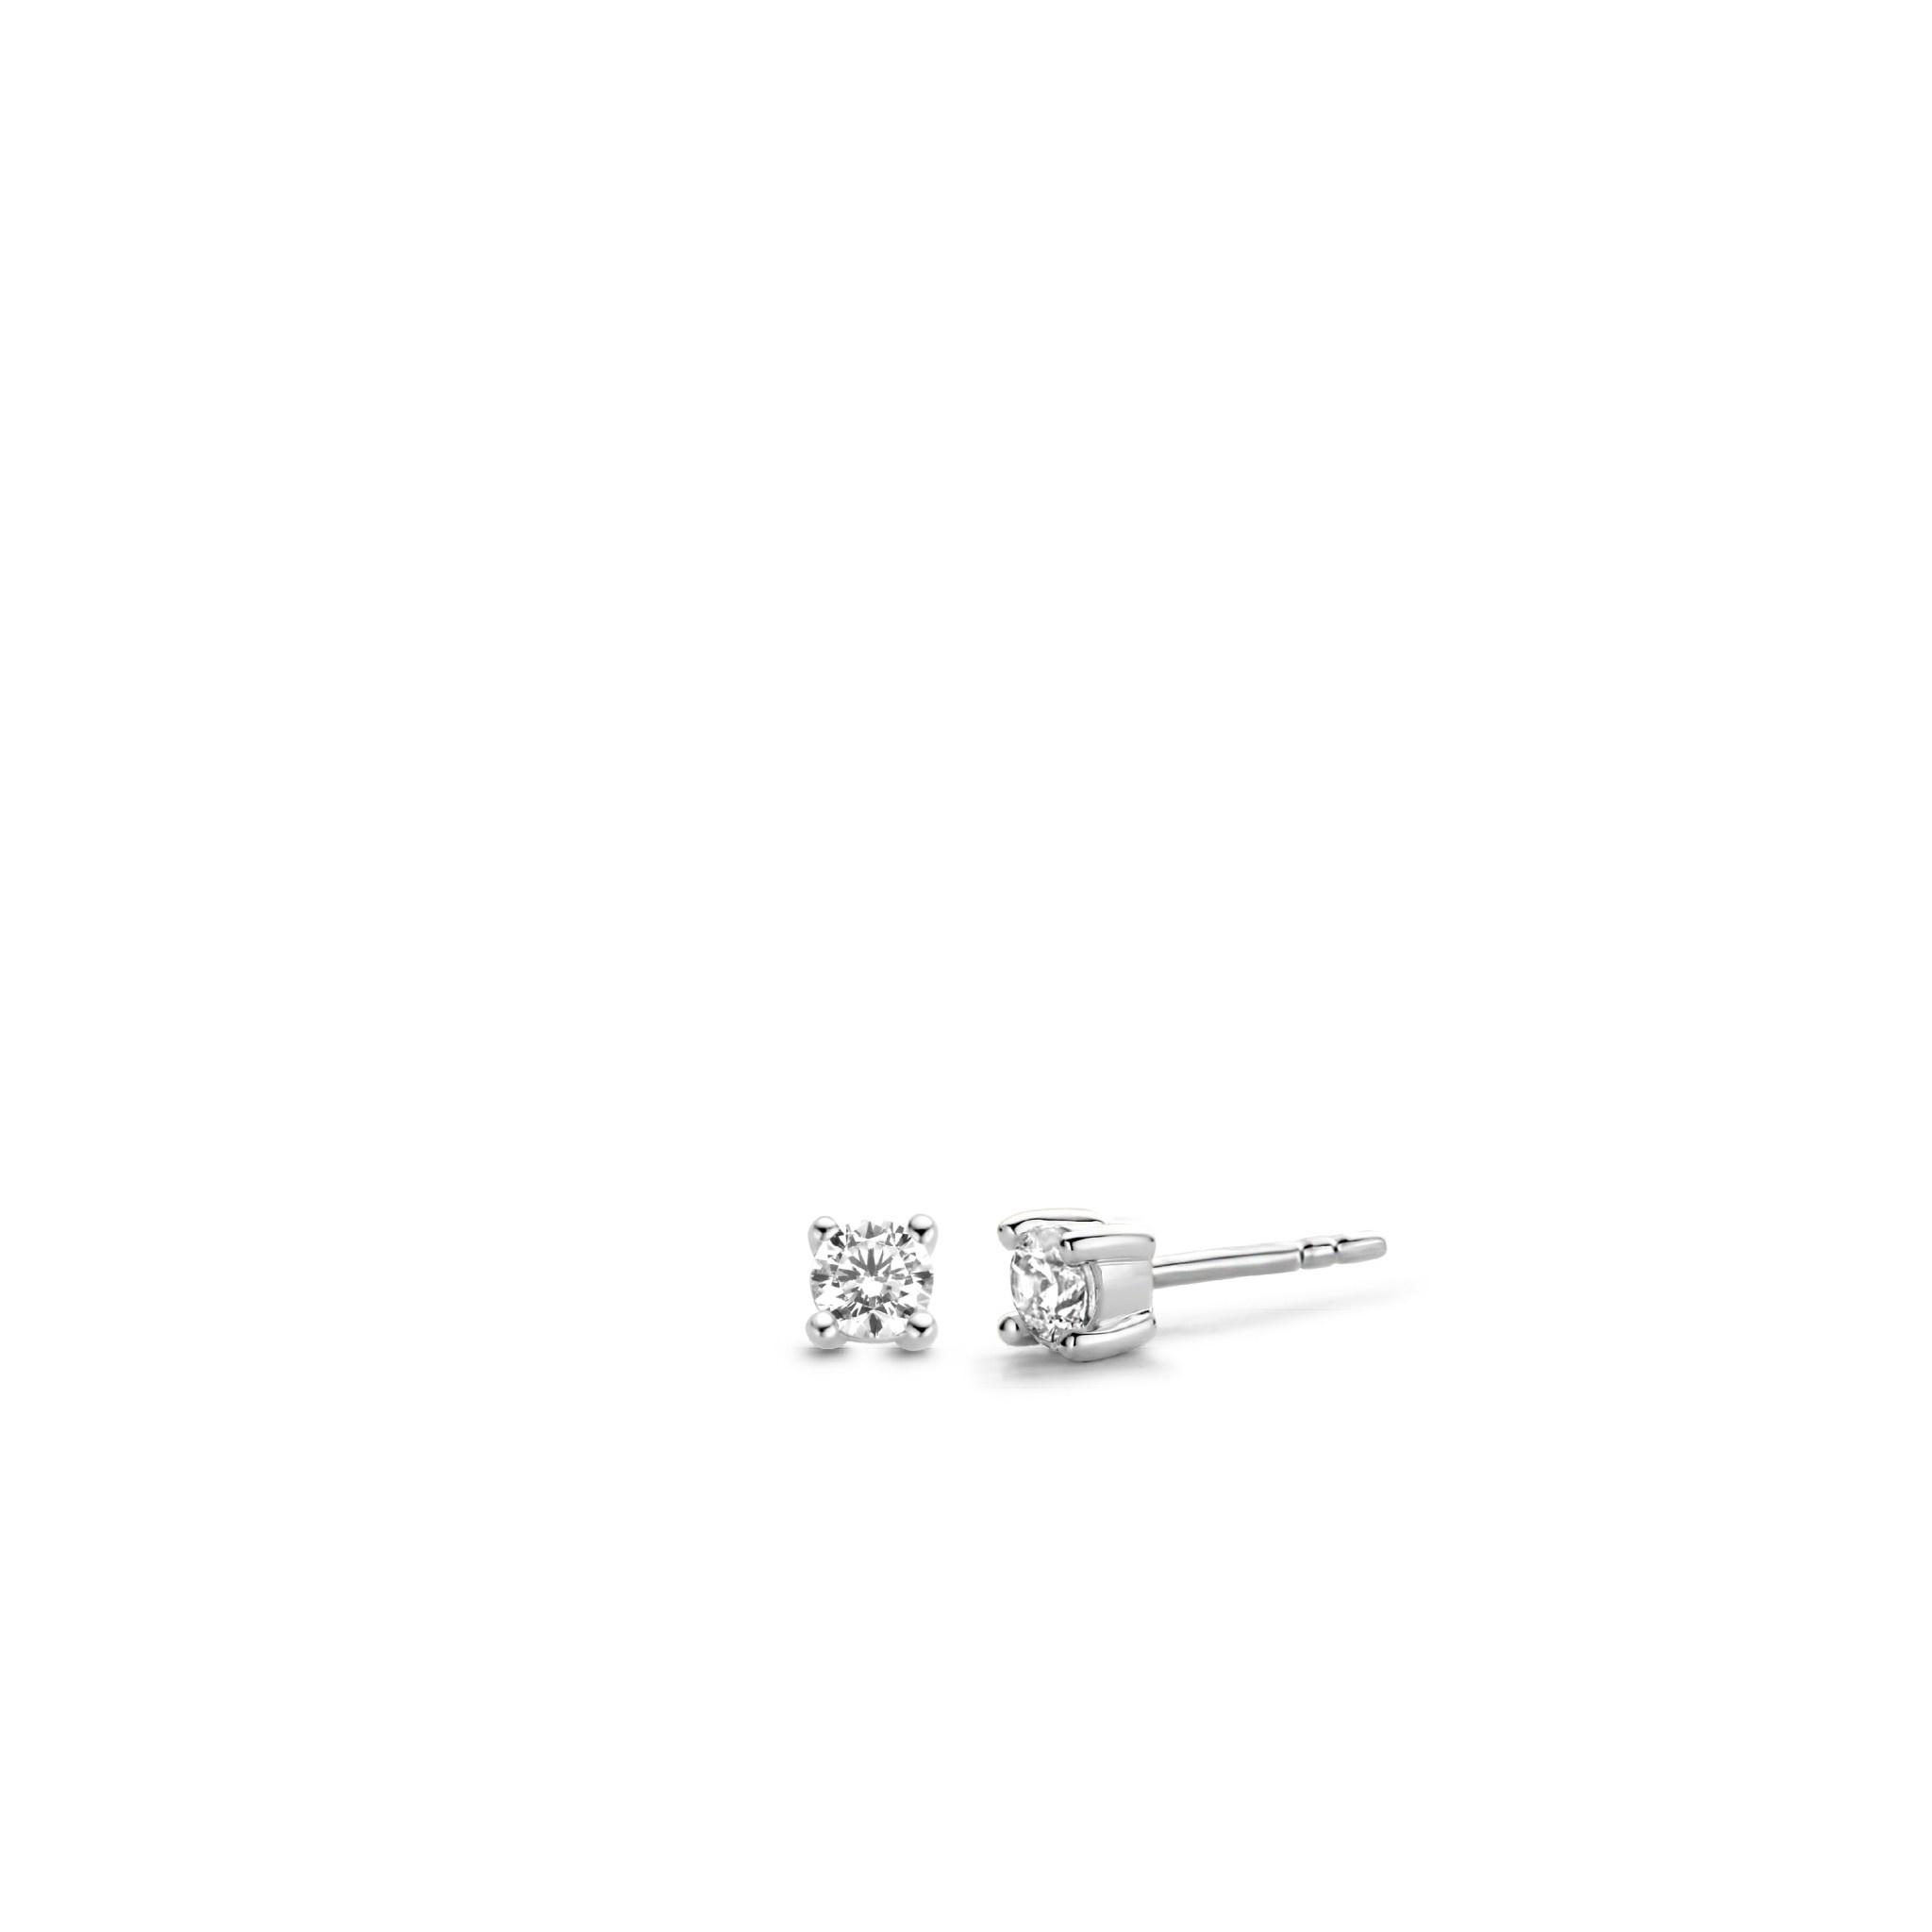 TI SENTO - Milano Earrings 7836ZI-1